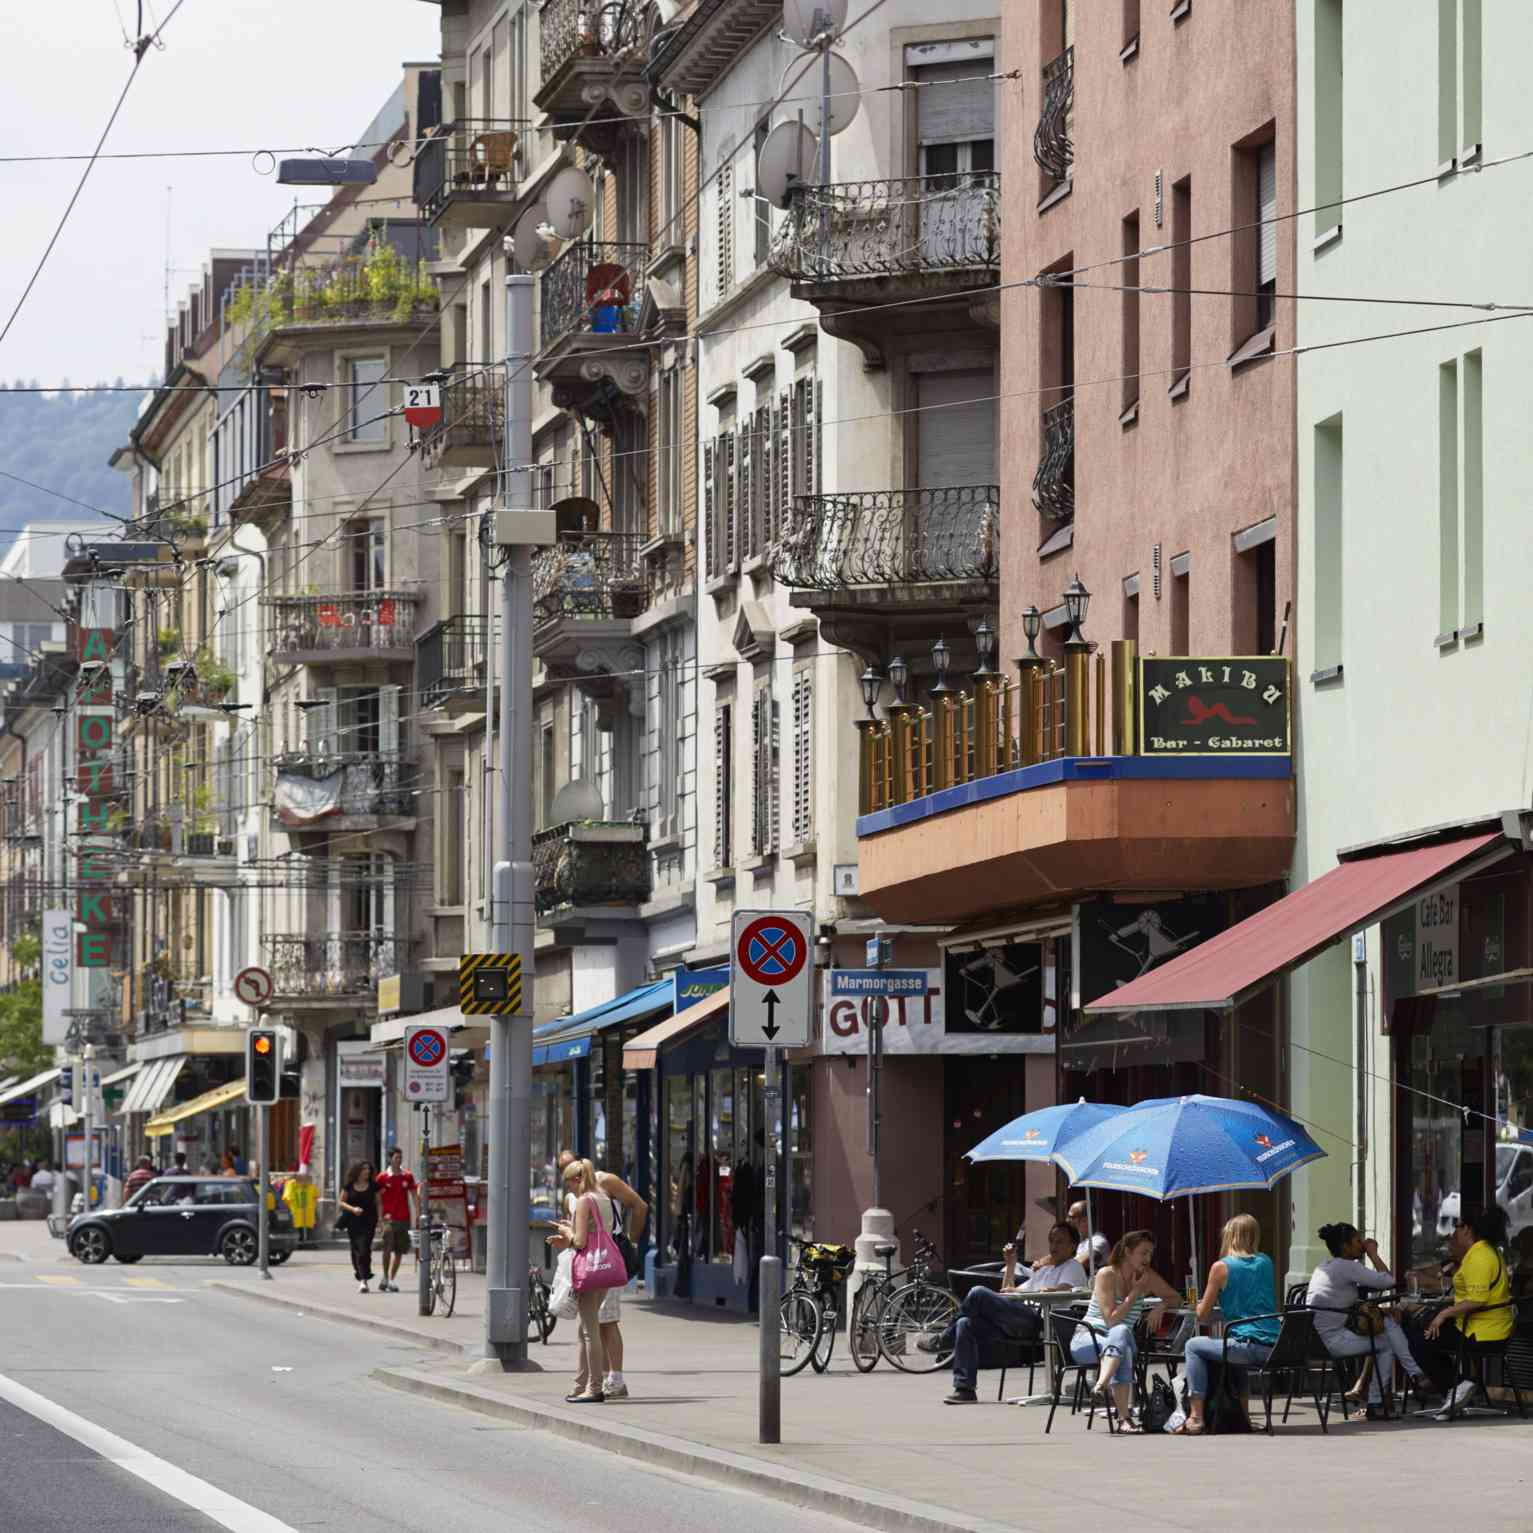 Langstrasse, Zurich